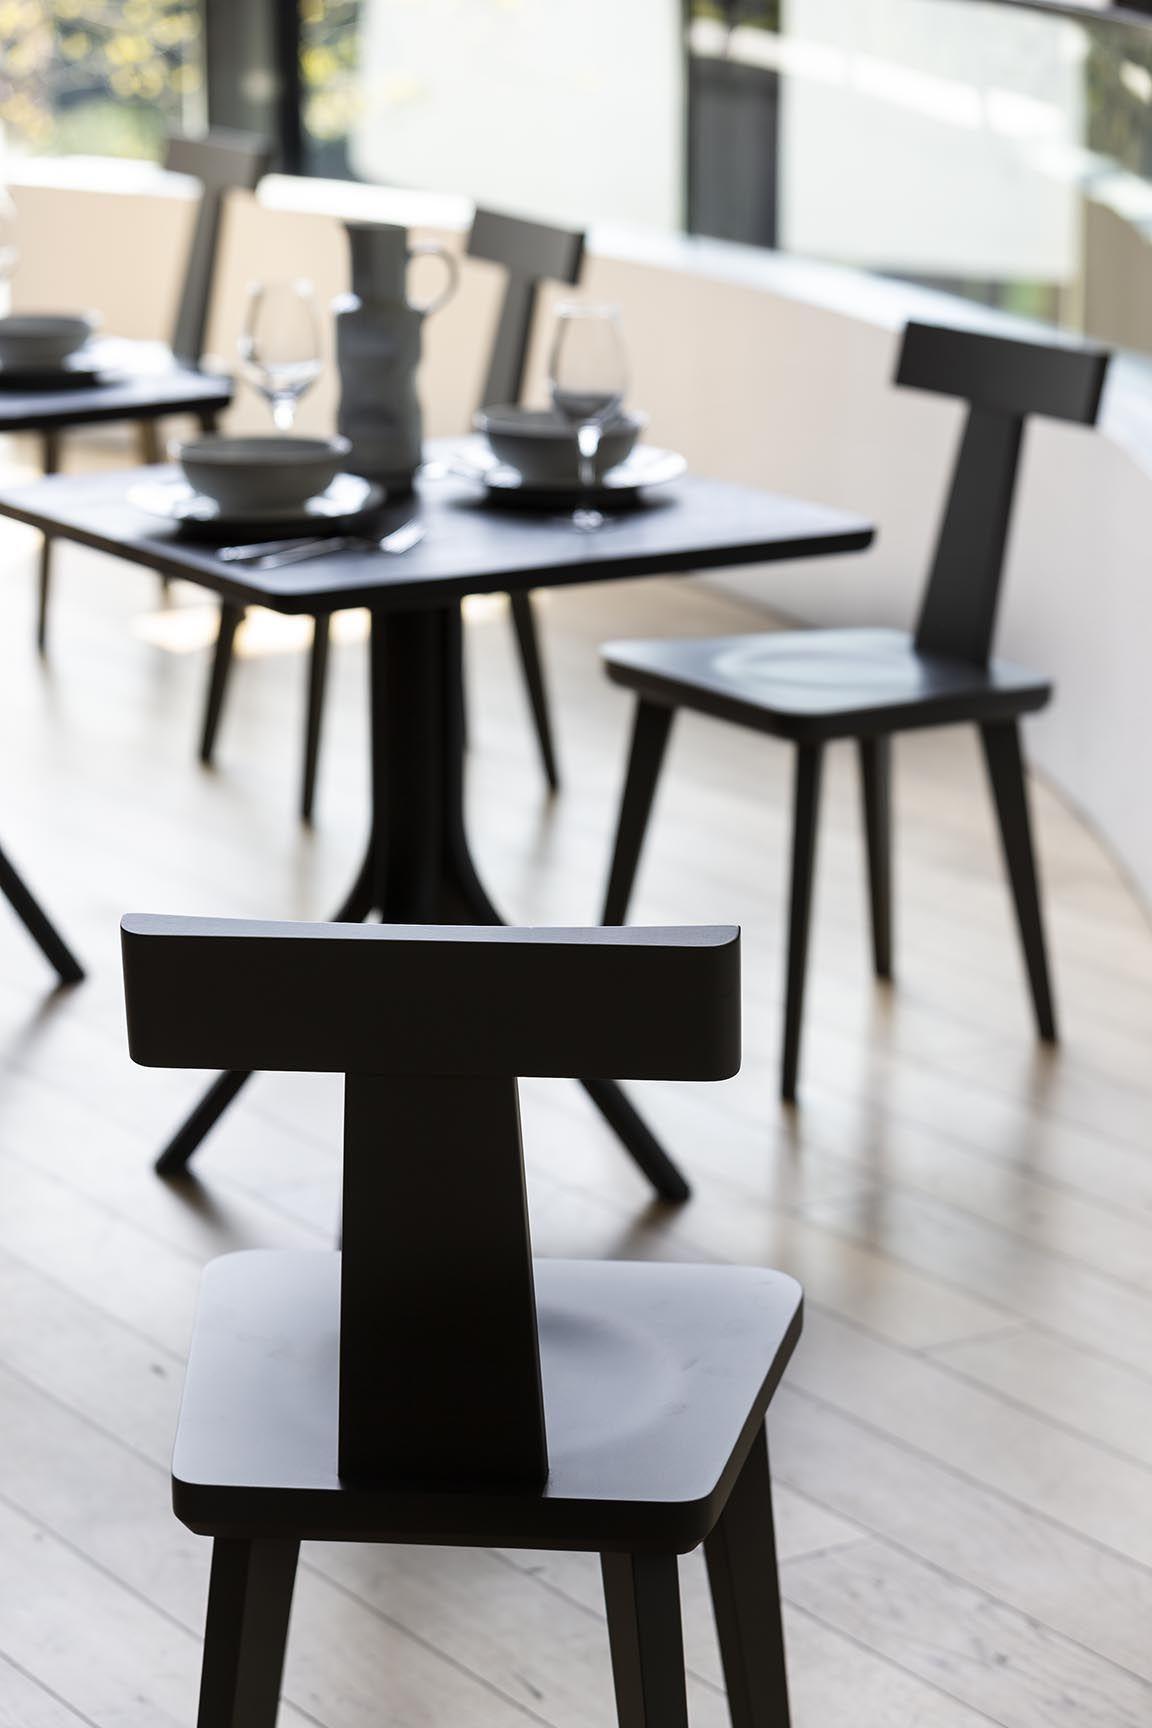 La sedia T Coffee di @sipasedie è fortemente caratterizzata dallo schienale a forma di lettera T, con una presenza grafica che la rende protagonista di ogni ambiente in cui viene collocata. #homedesign #homedecor #lovedesign #interiordesign #designdinterni #homestyle #lovedesign